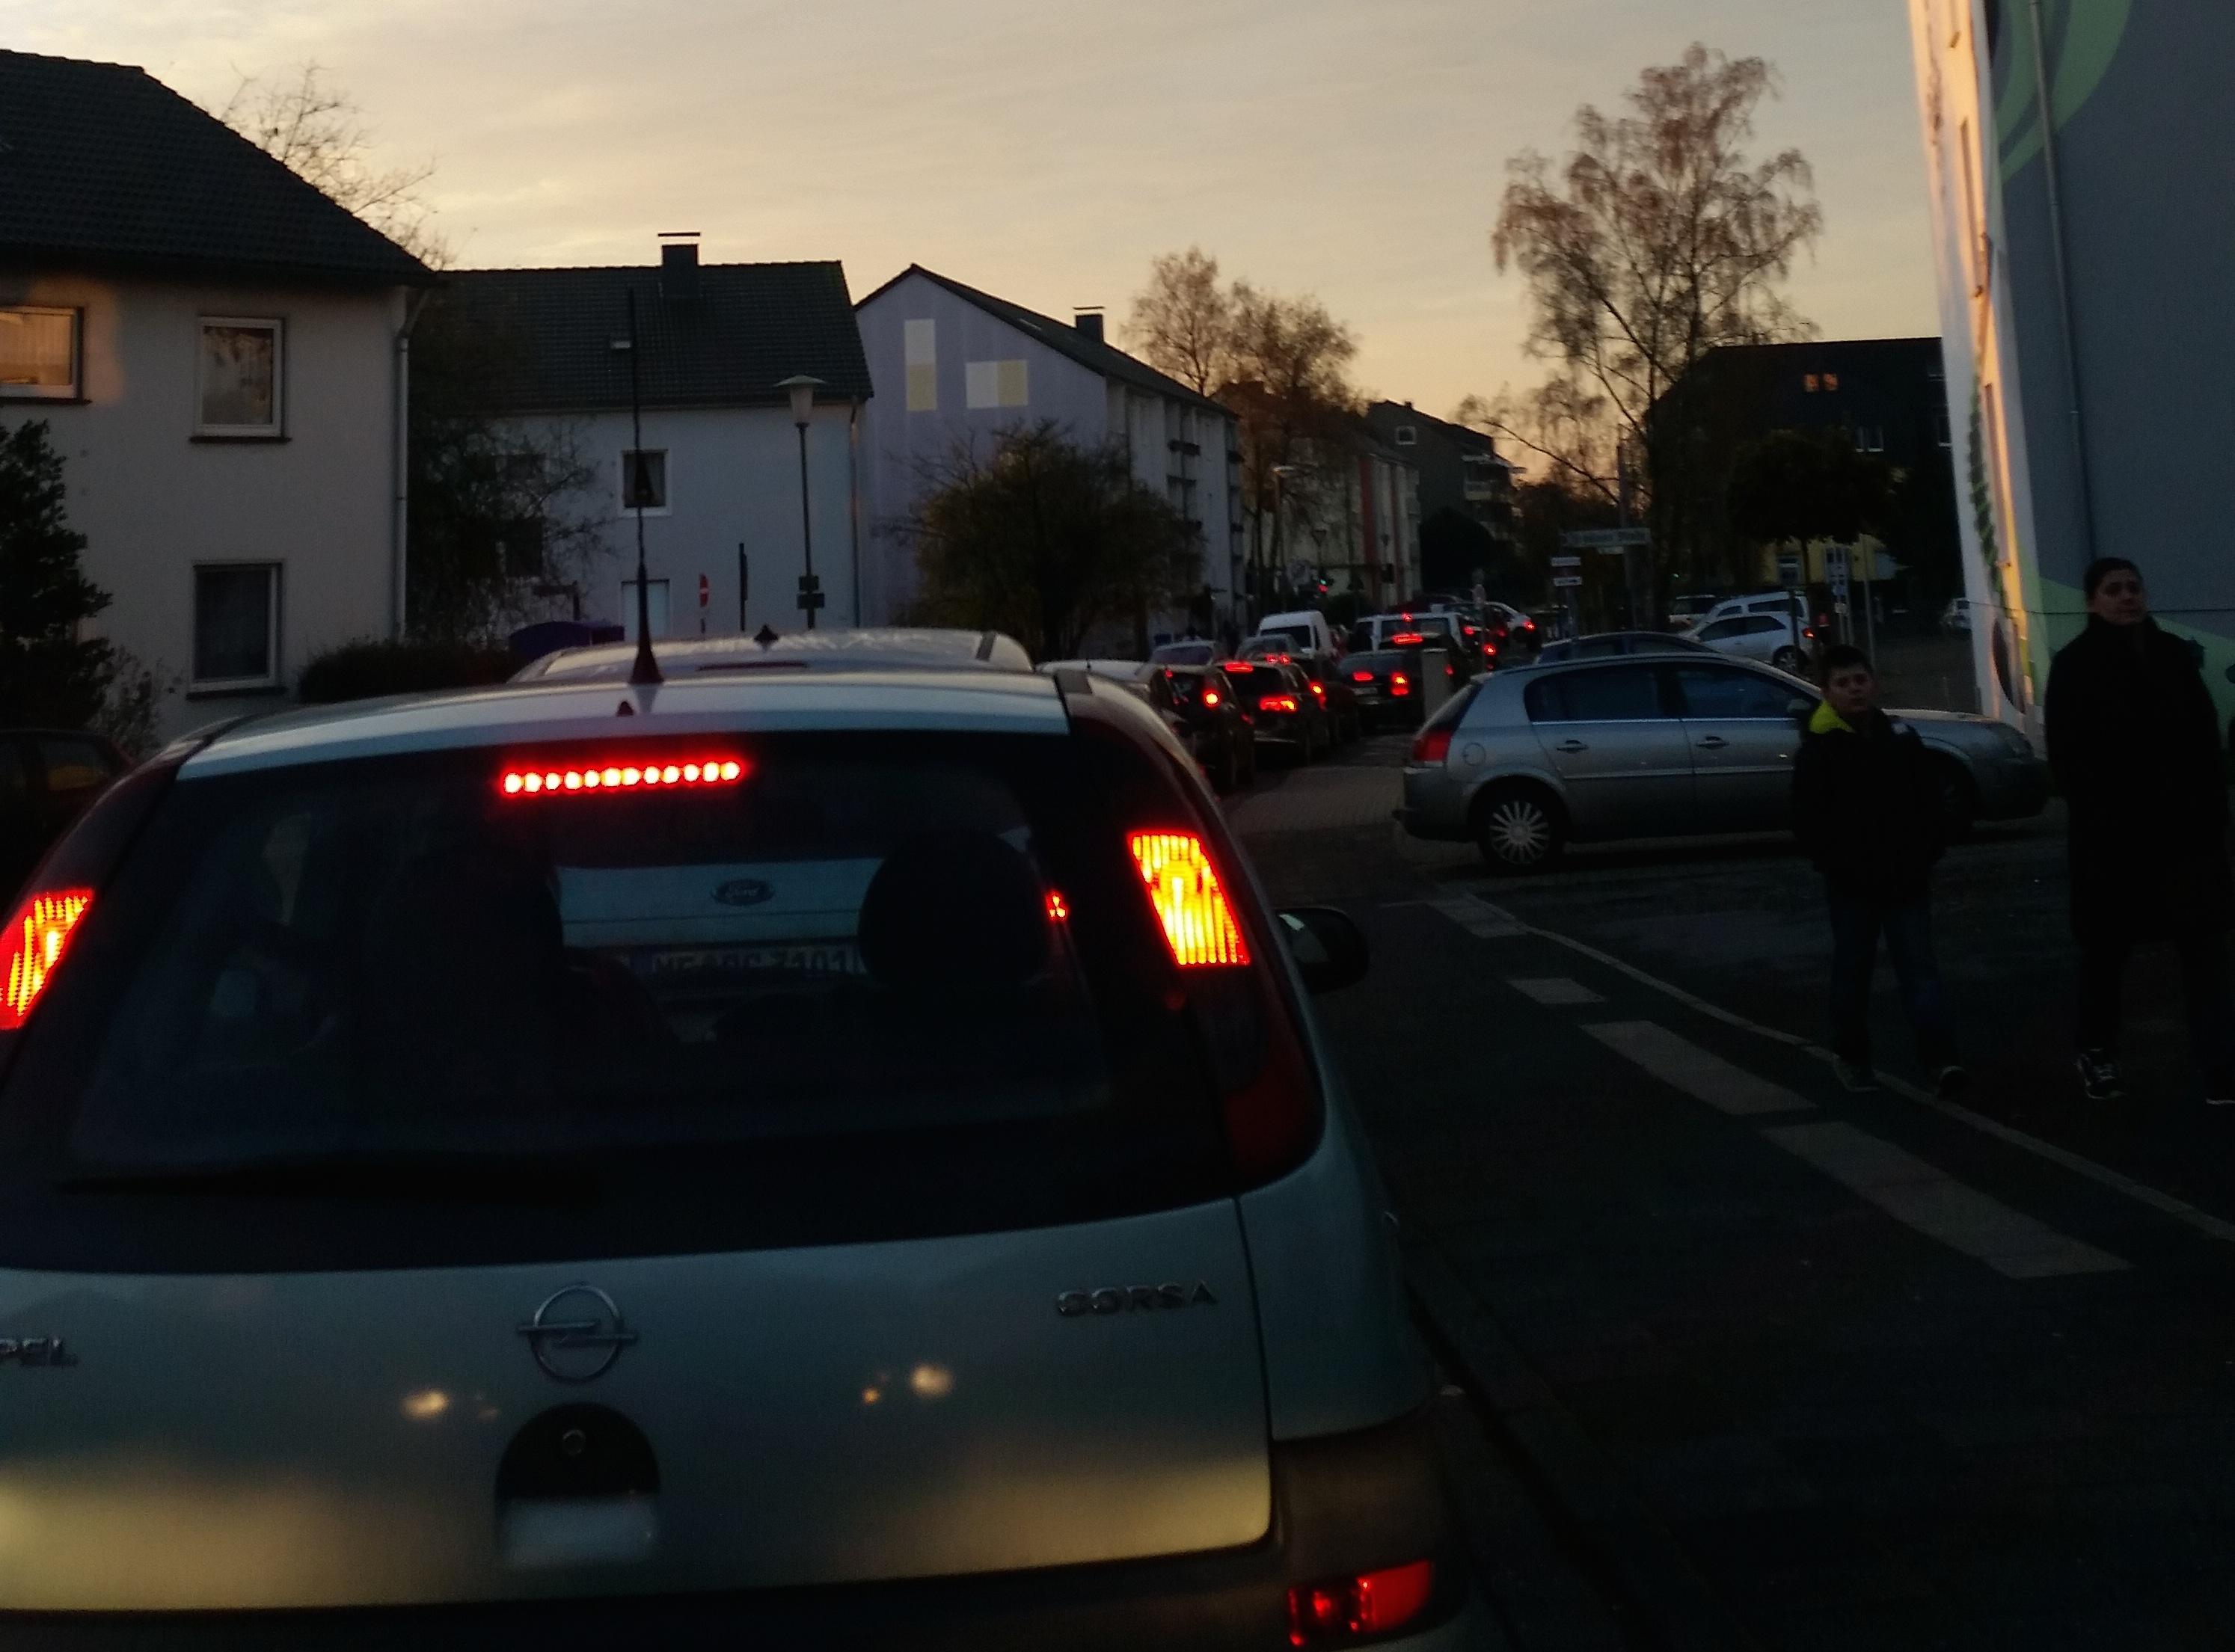 Nicht nur auf der Düsseldorfer Straße staut sich der Verkehr morgens in Richtung Düsseldorf. Auch die Nebenstraßen, die Berliner- oder wie auf dem Foto die Breslauer Straße, sind verstopft. Foto: Archiv TME